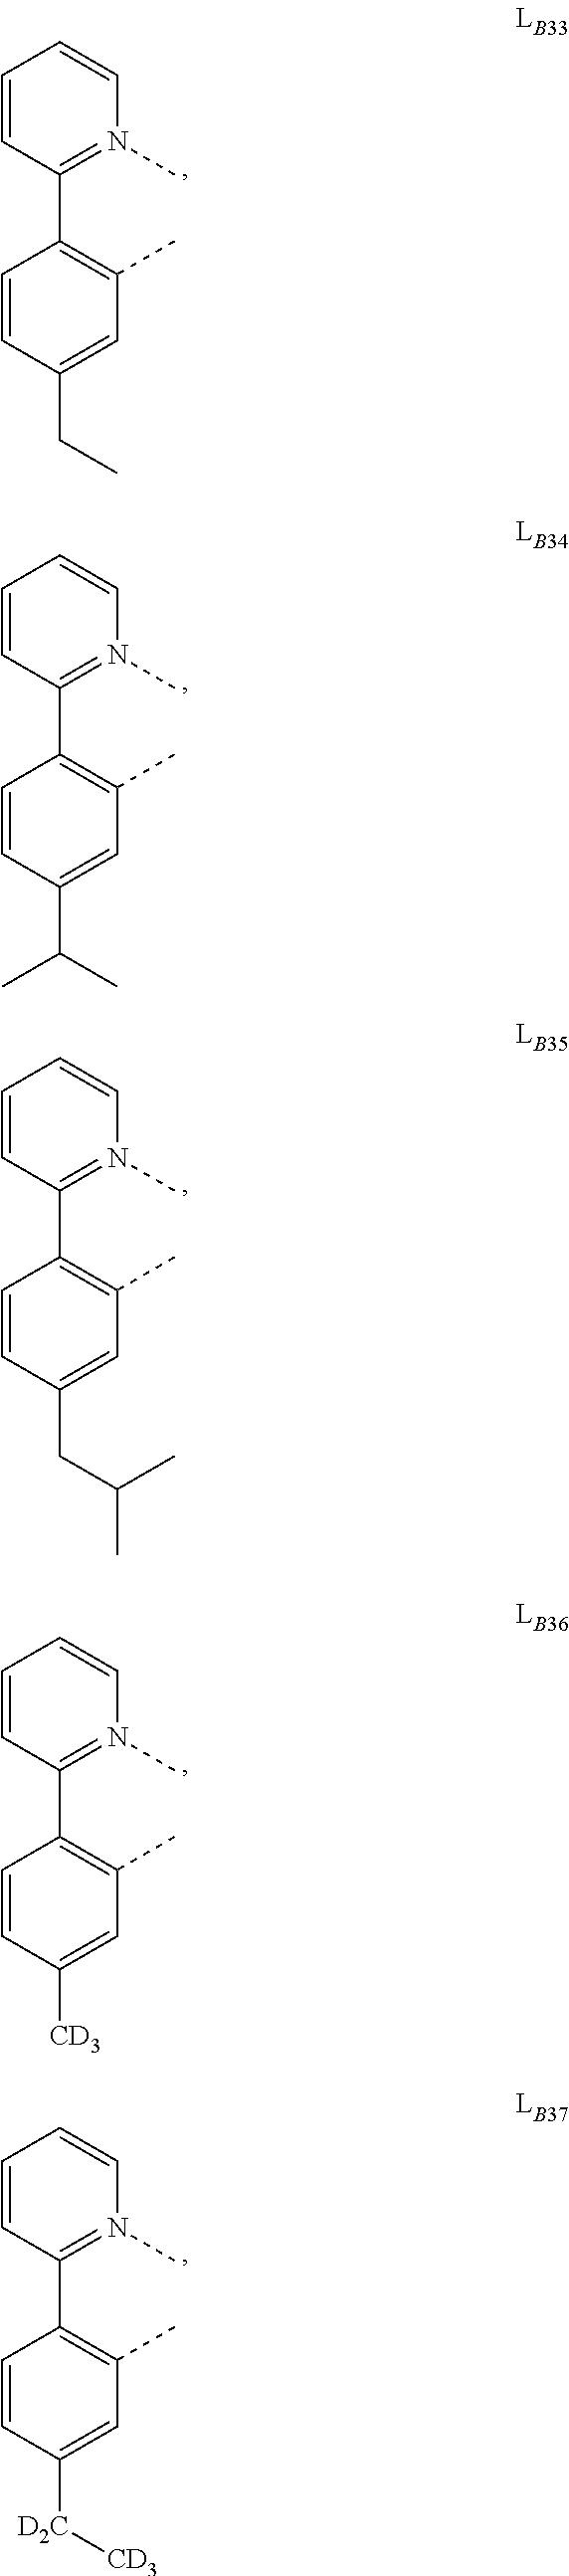 Figure US09691993-20170627-C00300